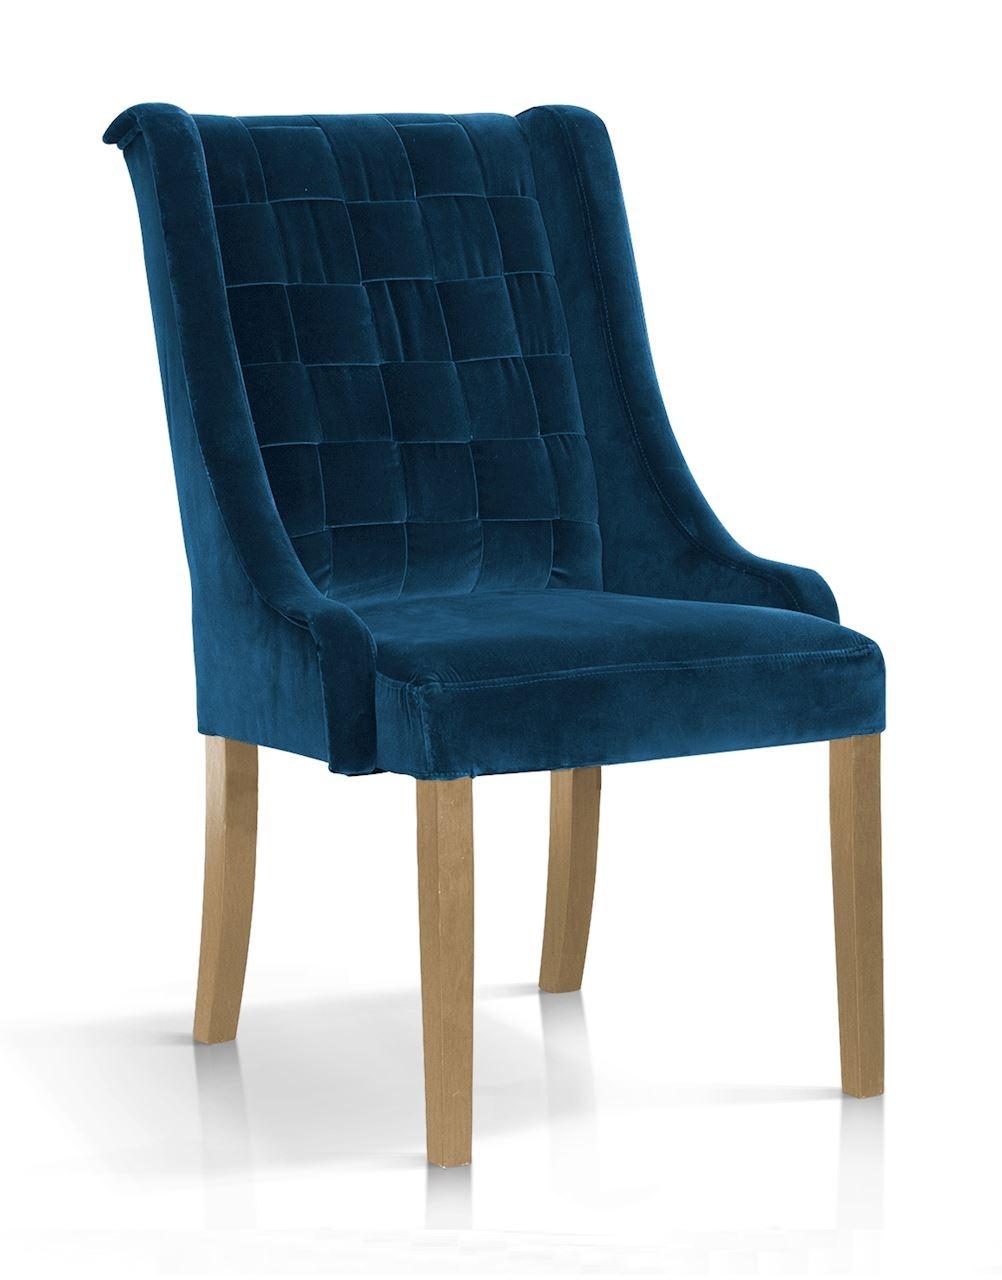 Scaun tapitat cu stofa, cu picioare din lemn Prince Bleumarin / Stejar, l55xA70xH105 cm